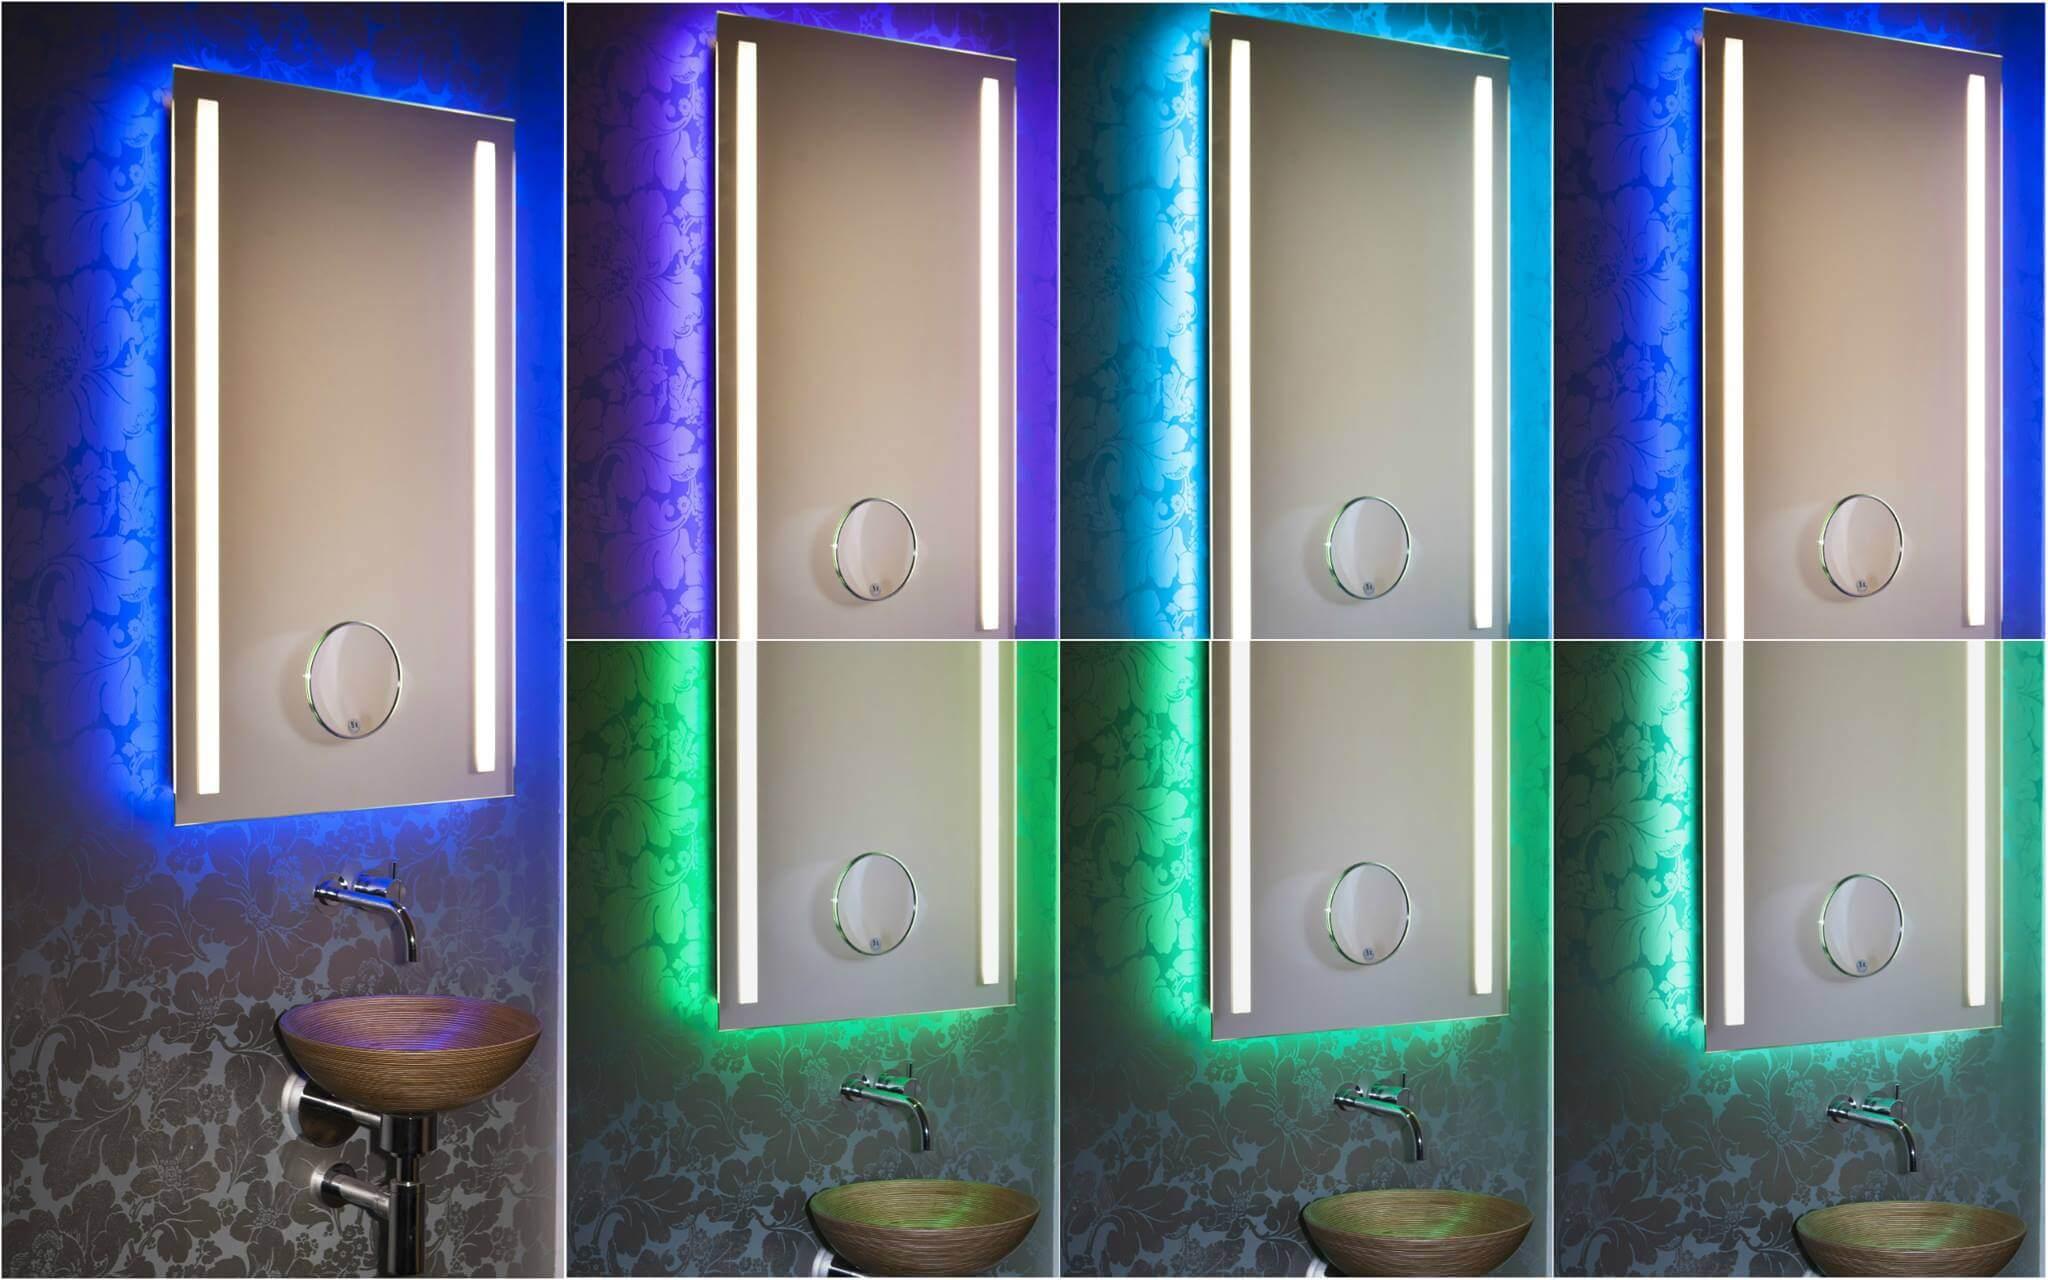 Spiegel und Lichtdesign wird neu definiert.